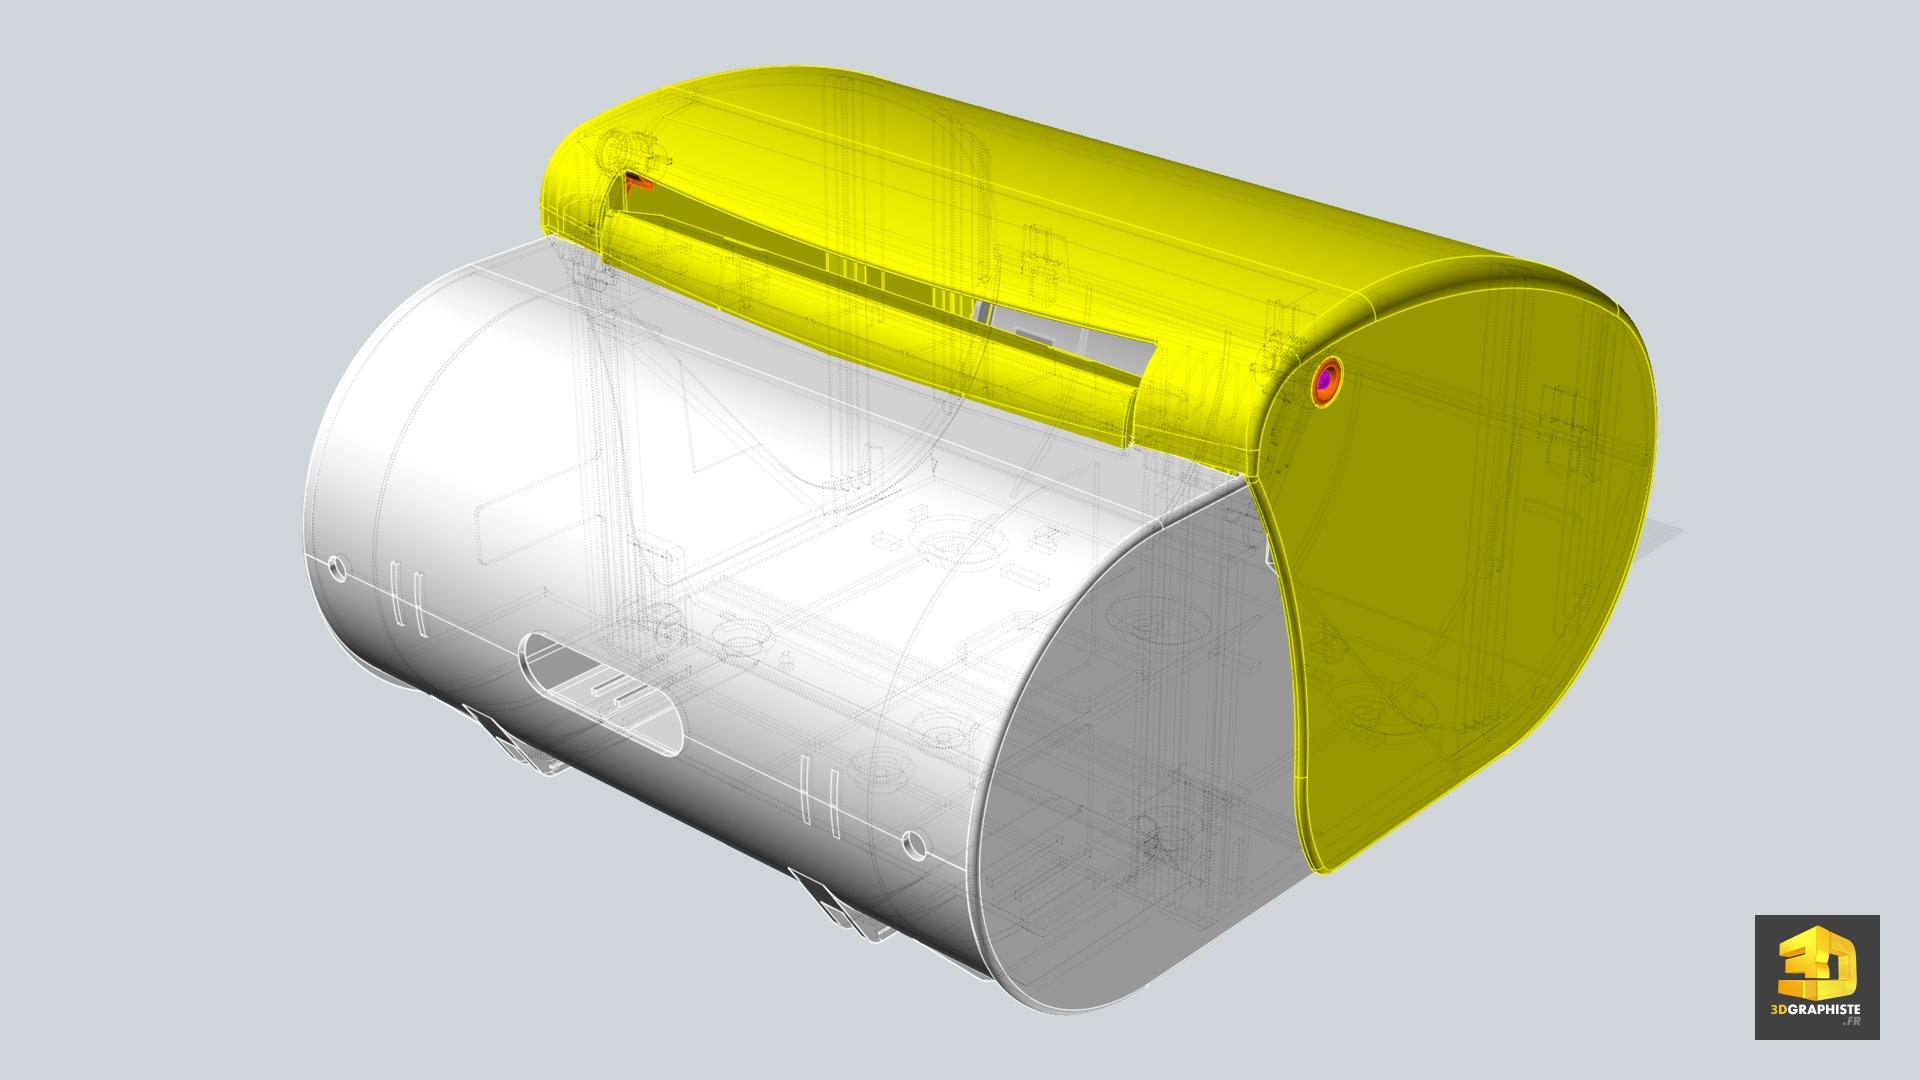 données cao - fichier 3d cao pour illustrateur technique